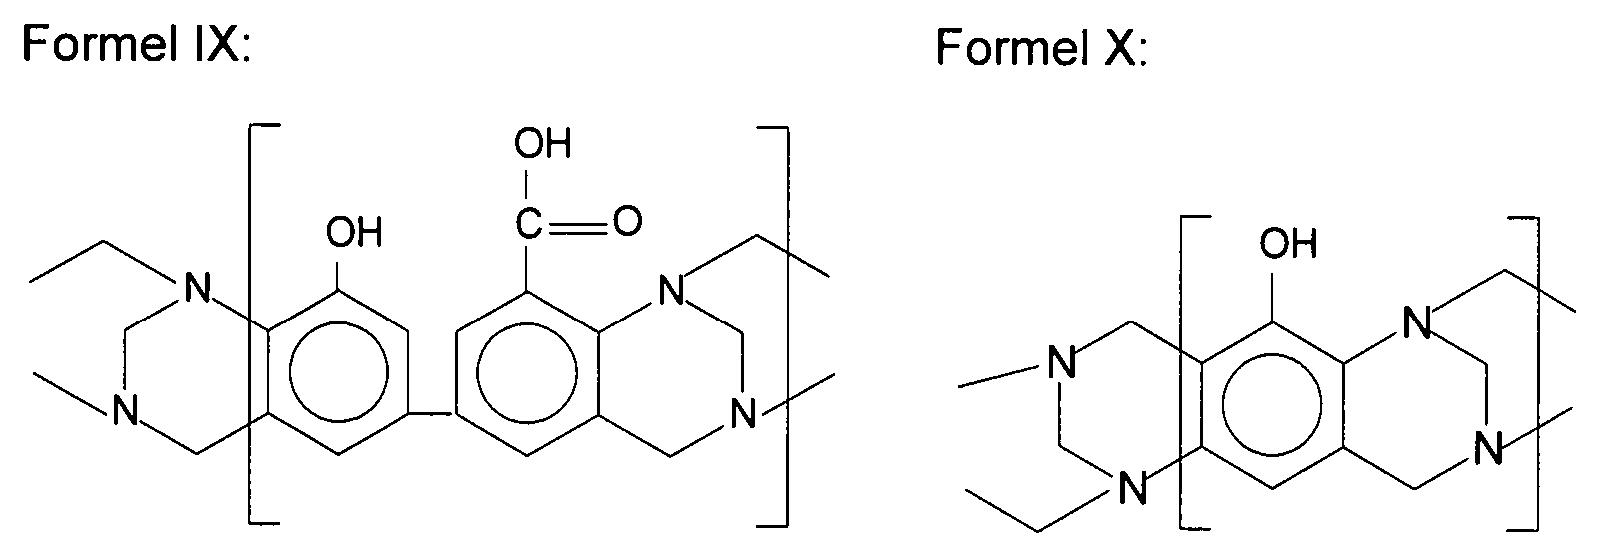 Figure DE112016005378T5_0012